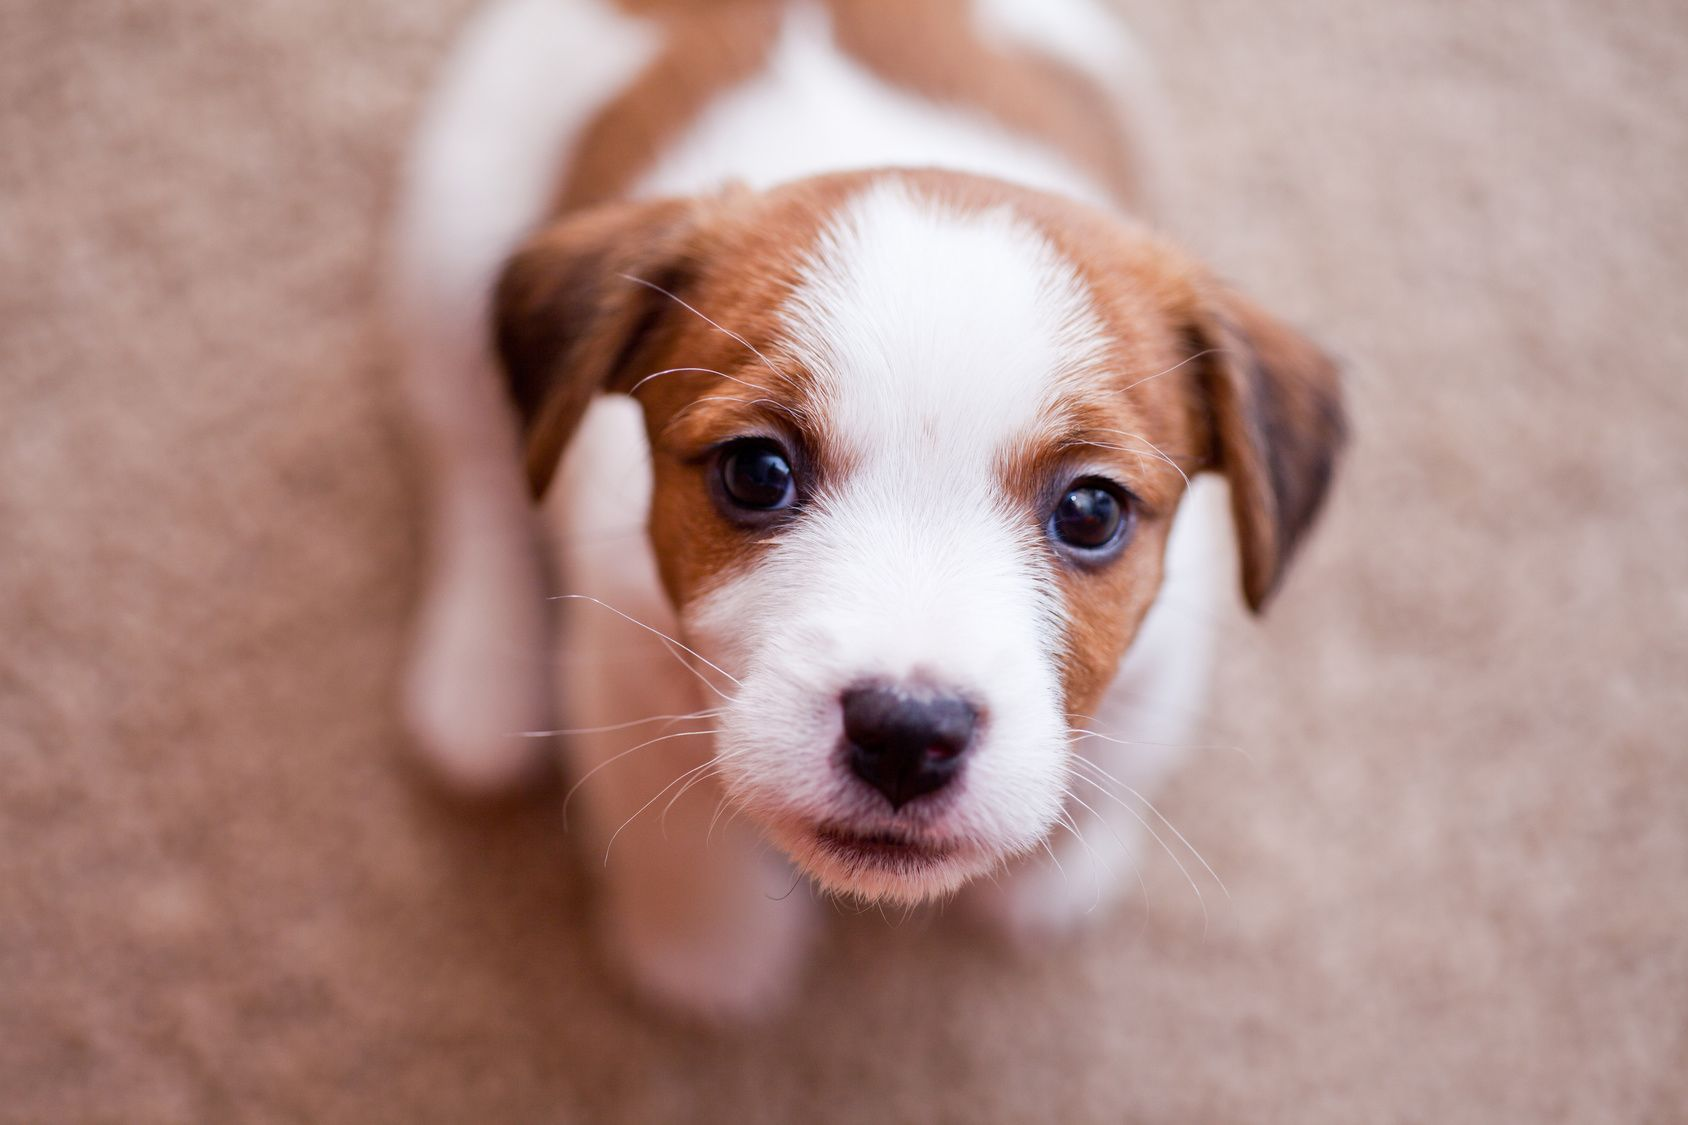 スマホでも簡単!フォーカス調整と露出補正で愛犬の写真をワンランクアップ!